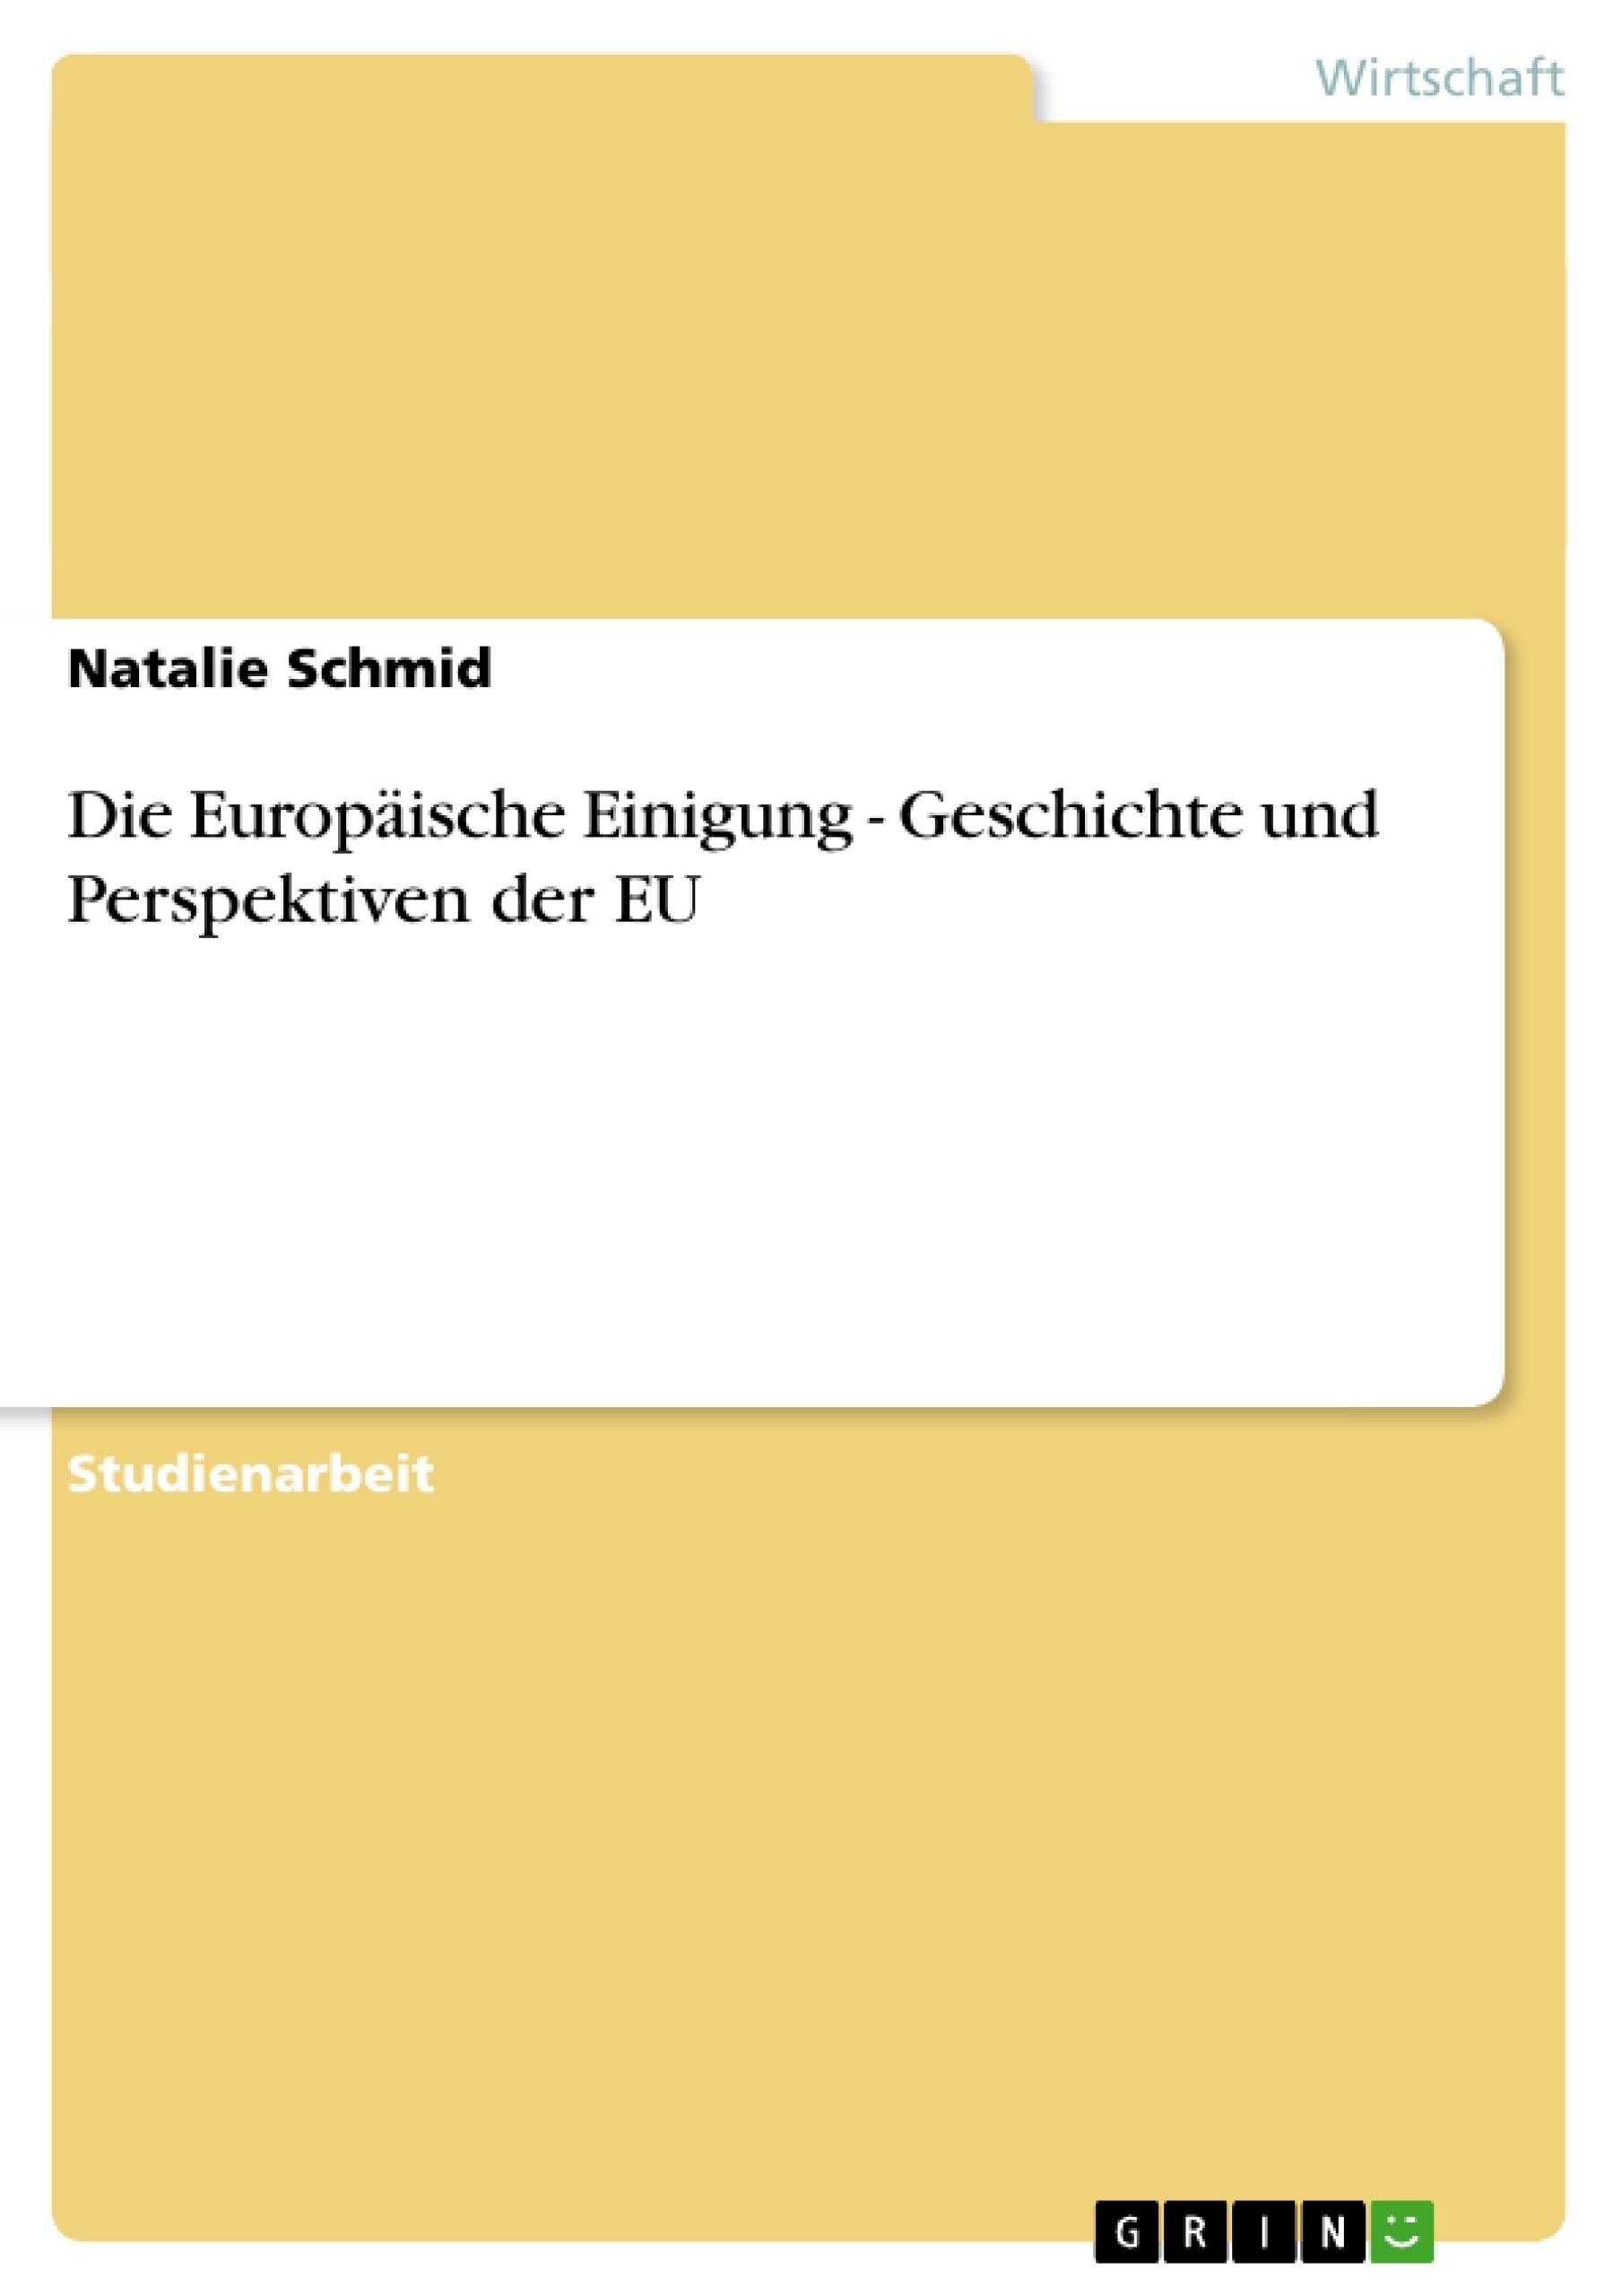 Titel: Die Europäische Einigung - Geschichte und Perspektiven der EU